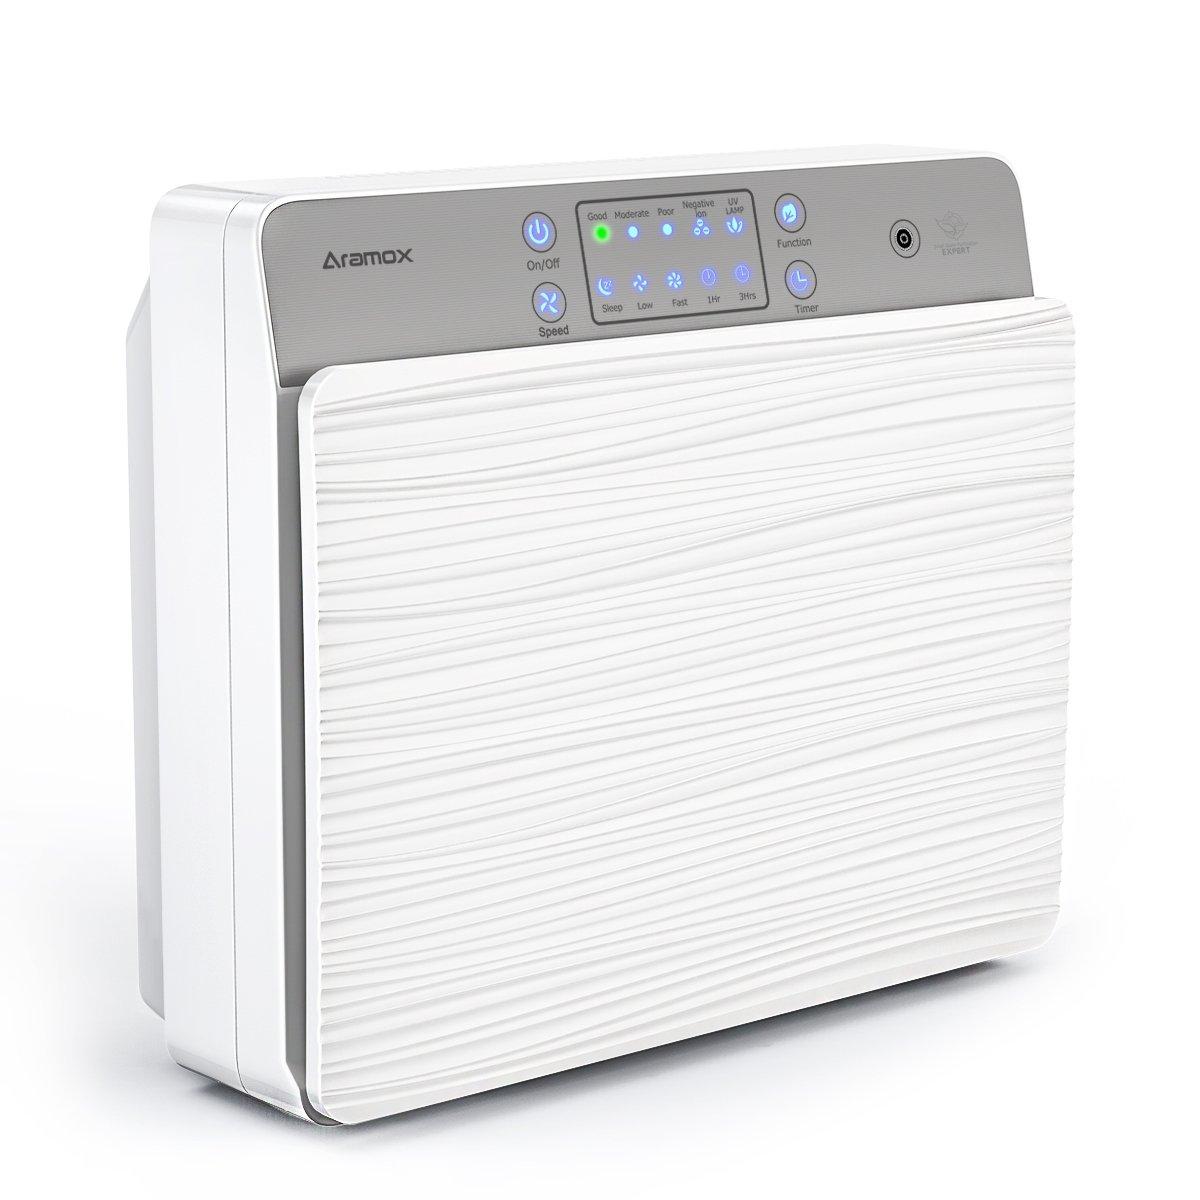 Luftreiniger,Luft-Ionisierer mit HEPA Ionen-Funktion Filter und UV sterilization Mit kabelloser Fernbedienung perfekt für Allergiker, Hausstaubmilben-Allergie,Raucher auch bei,Weiß xunooo-eu